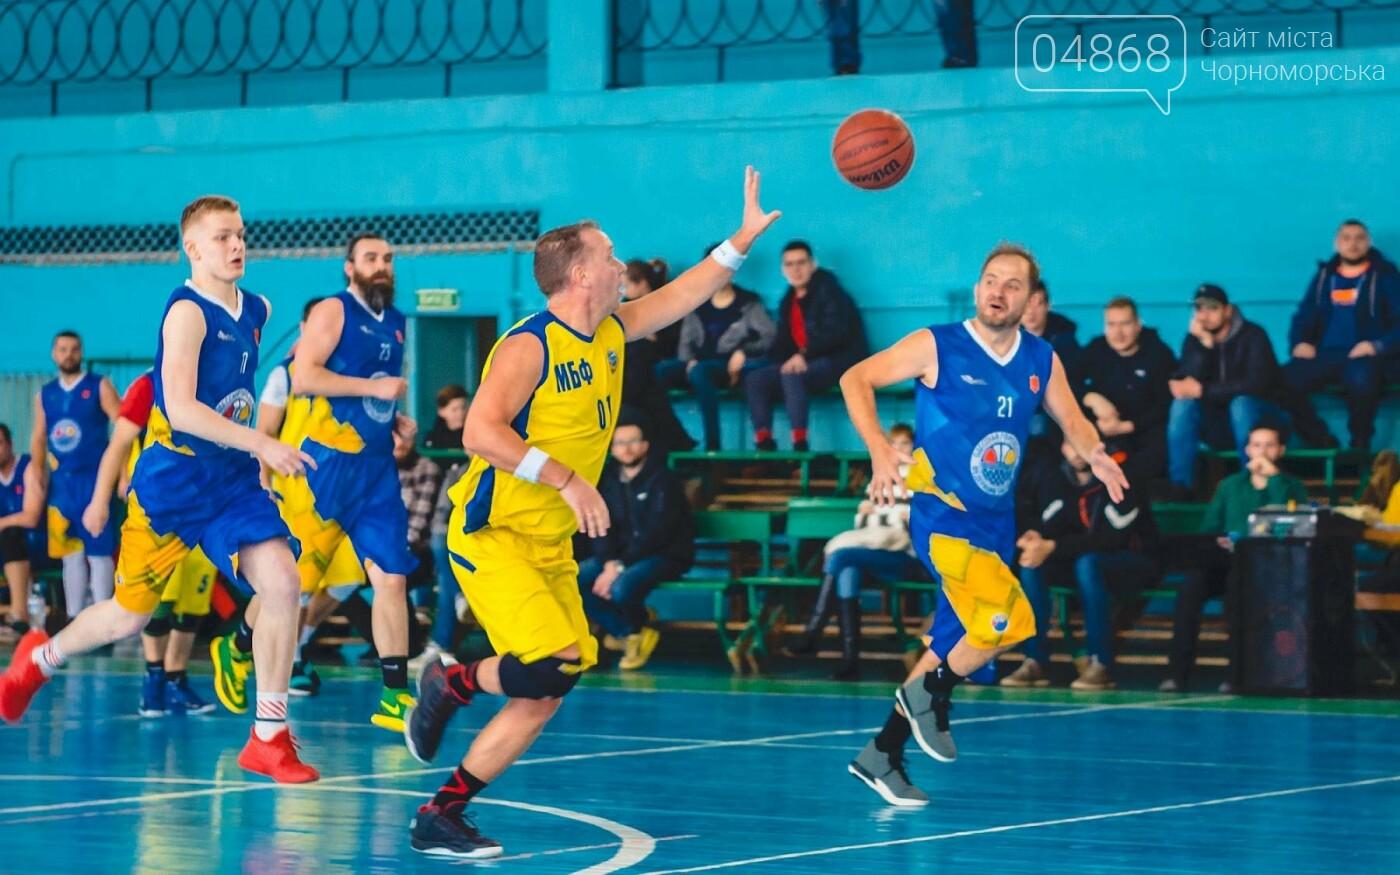 Чемпионат по баскетболу завершился победой команды Черноморска, фото-4